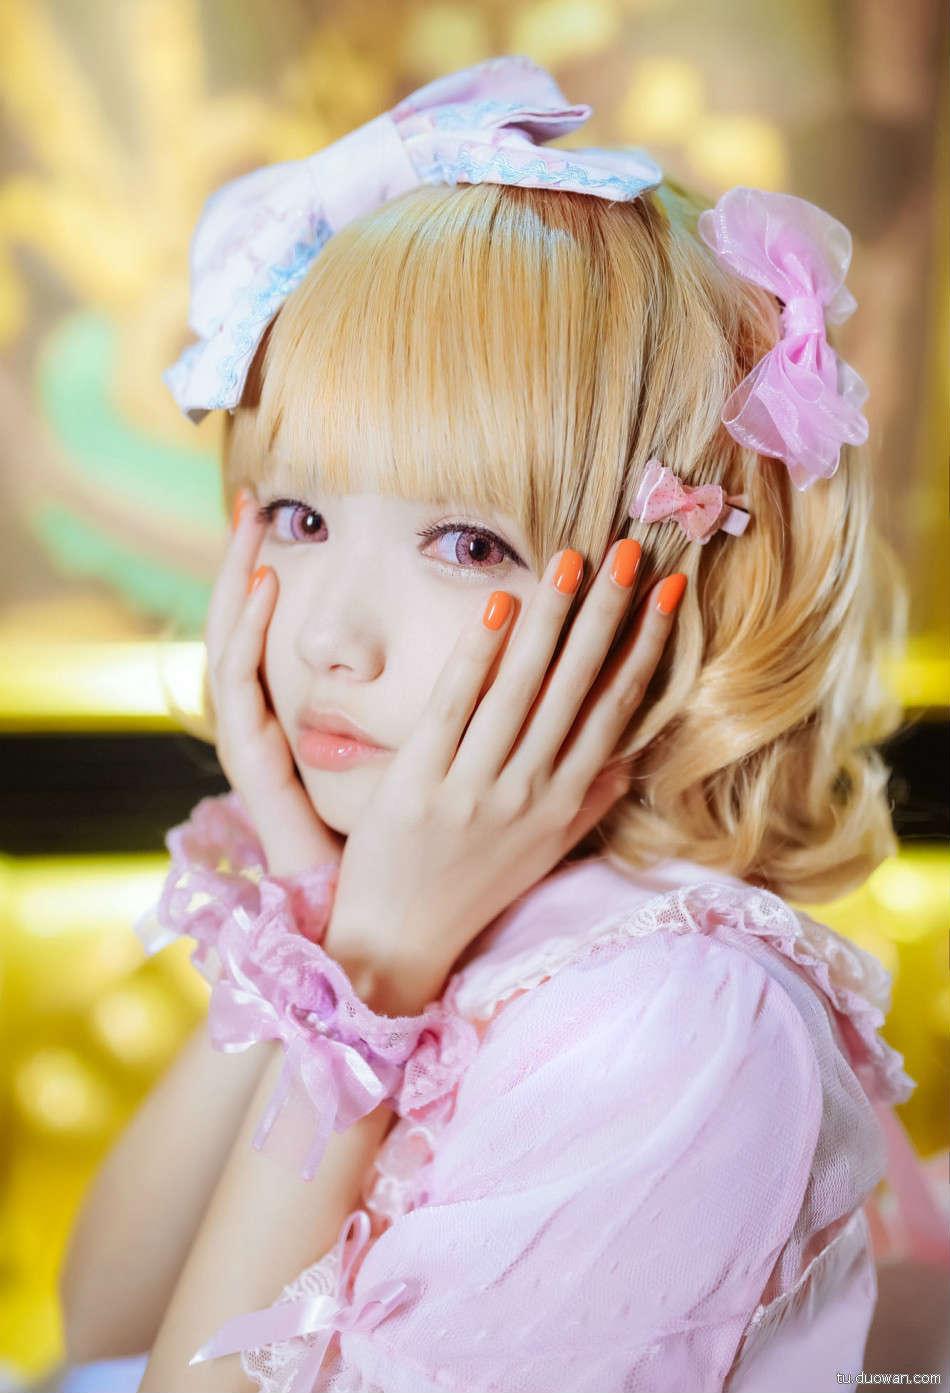 美女图片:可爱coser猫梓子面容似真人娃娃[多图]图片8